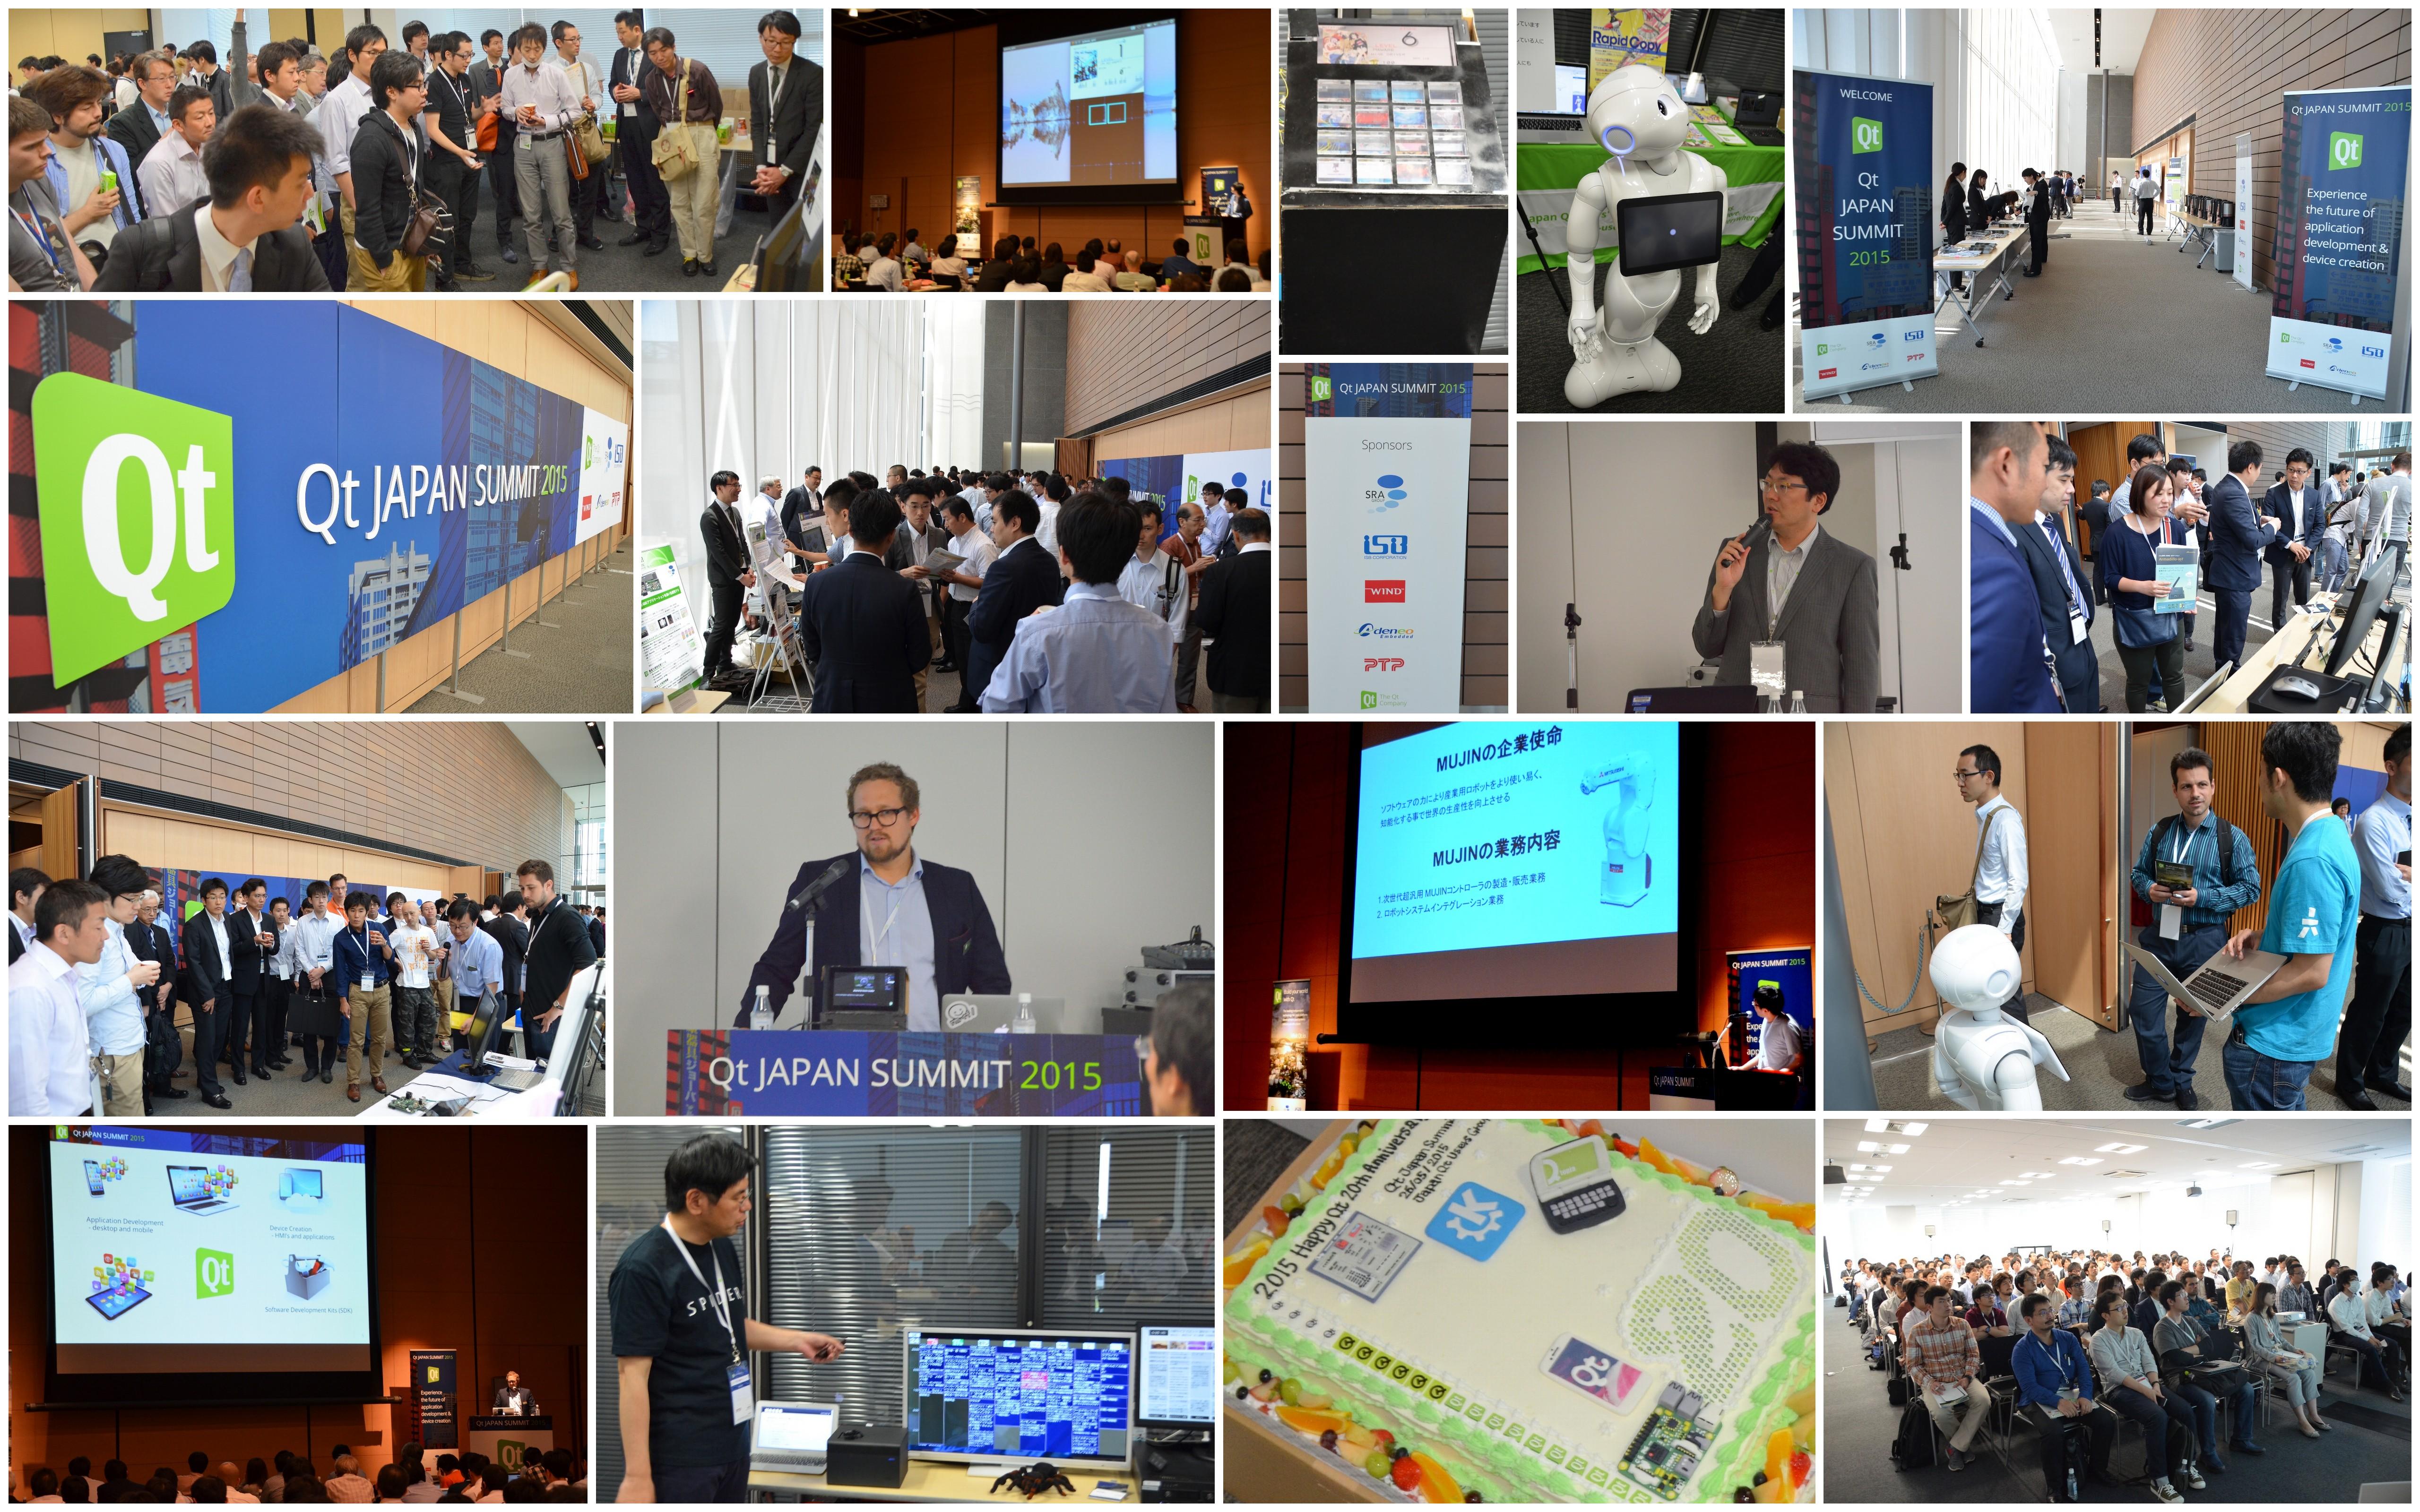 Qt JAPAN SUMMIT Breakout collage